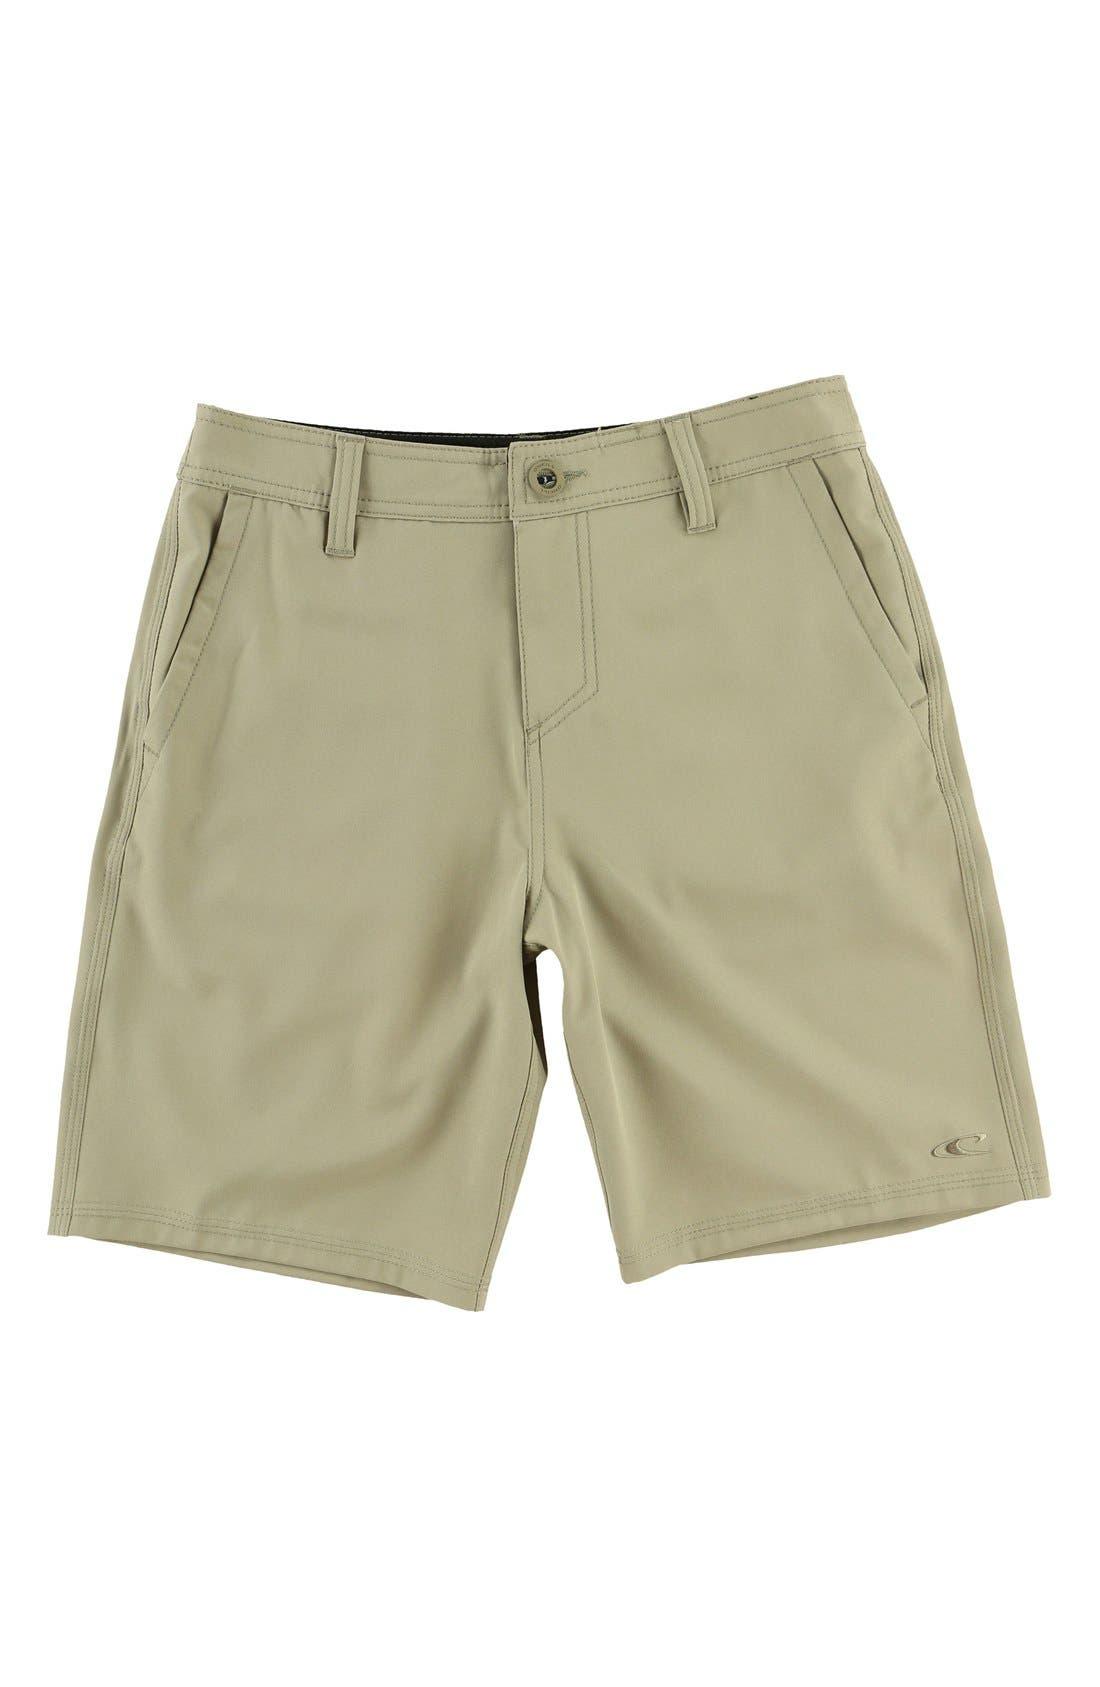 Main Image - O'Neill Loaded Hybrid Board Shorts (Big Boys)